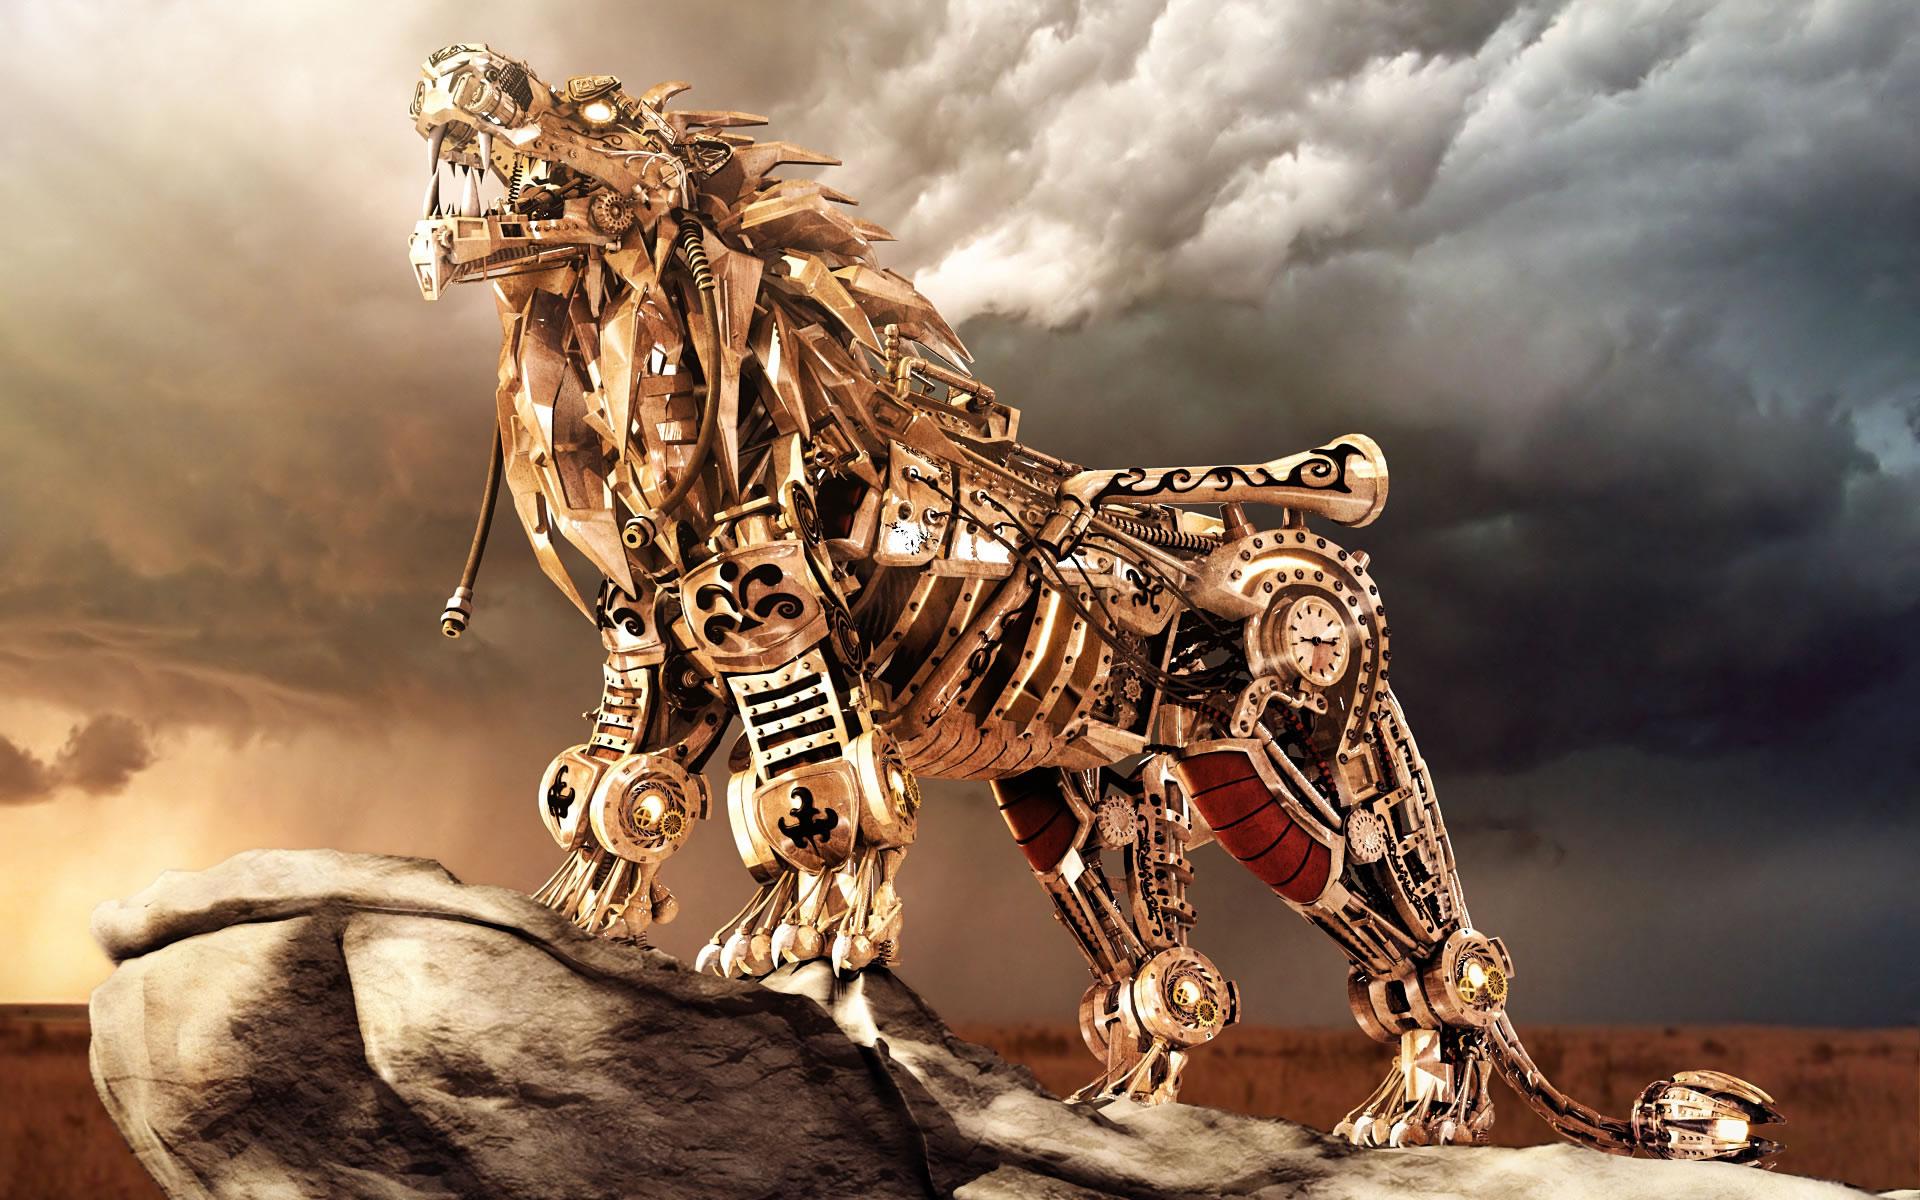 wallpaper 3d, leon mecanico